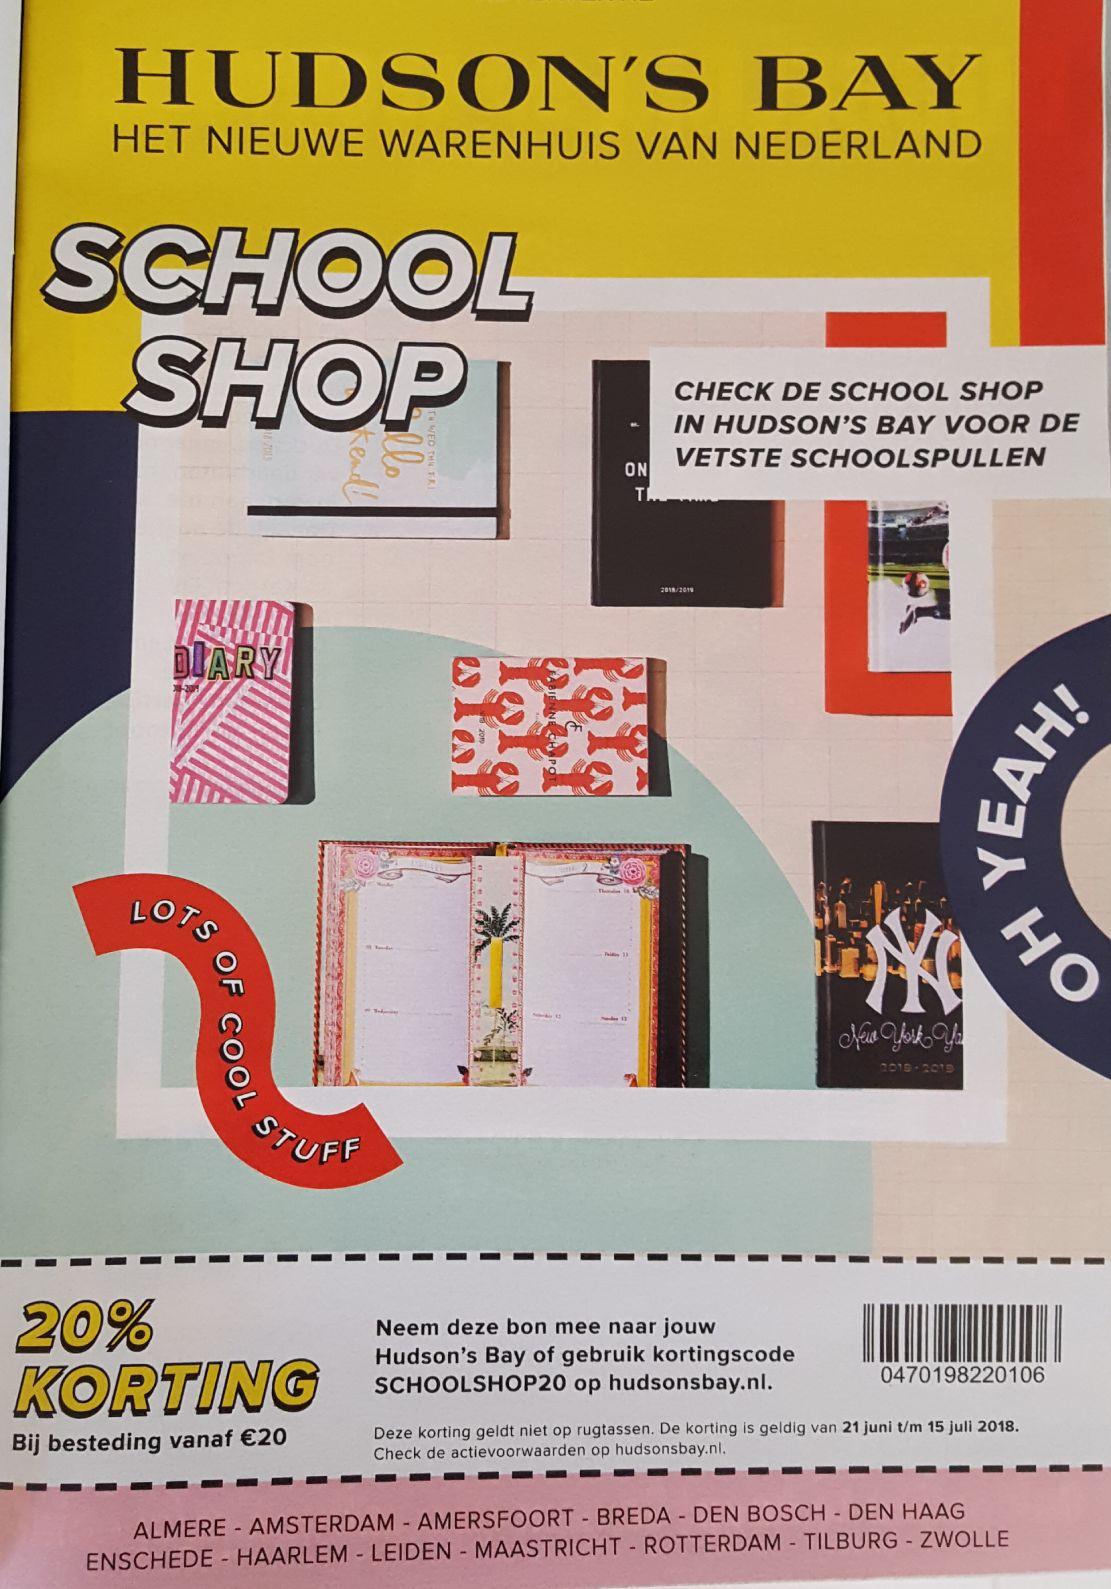 20% korting vanaf €20 in de Hudson's bay schoolshop